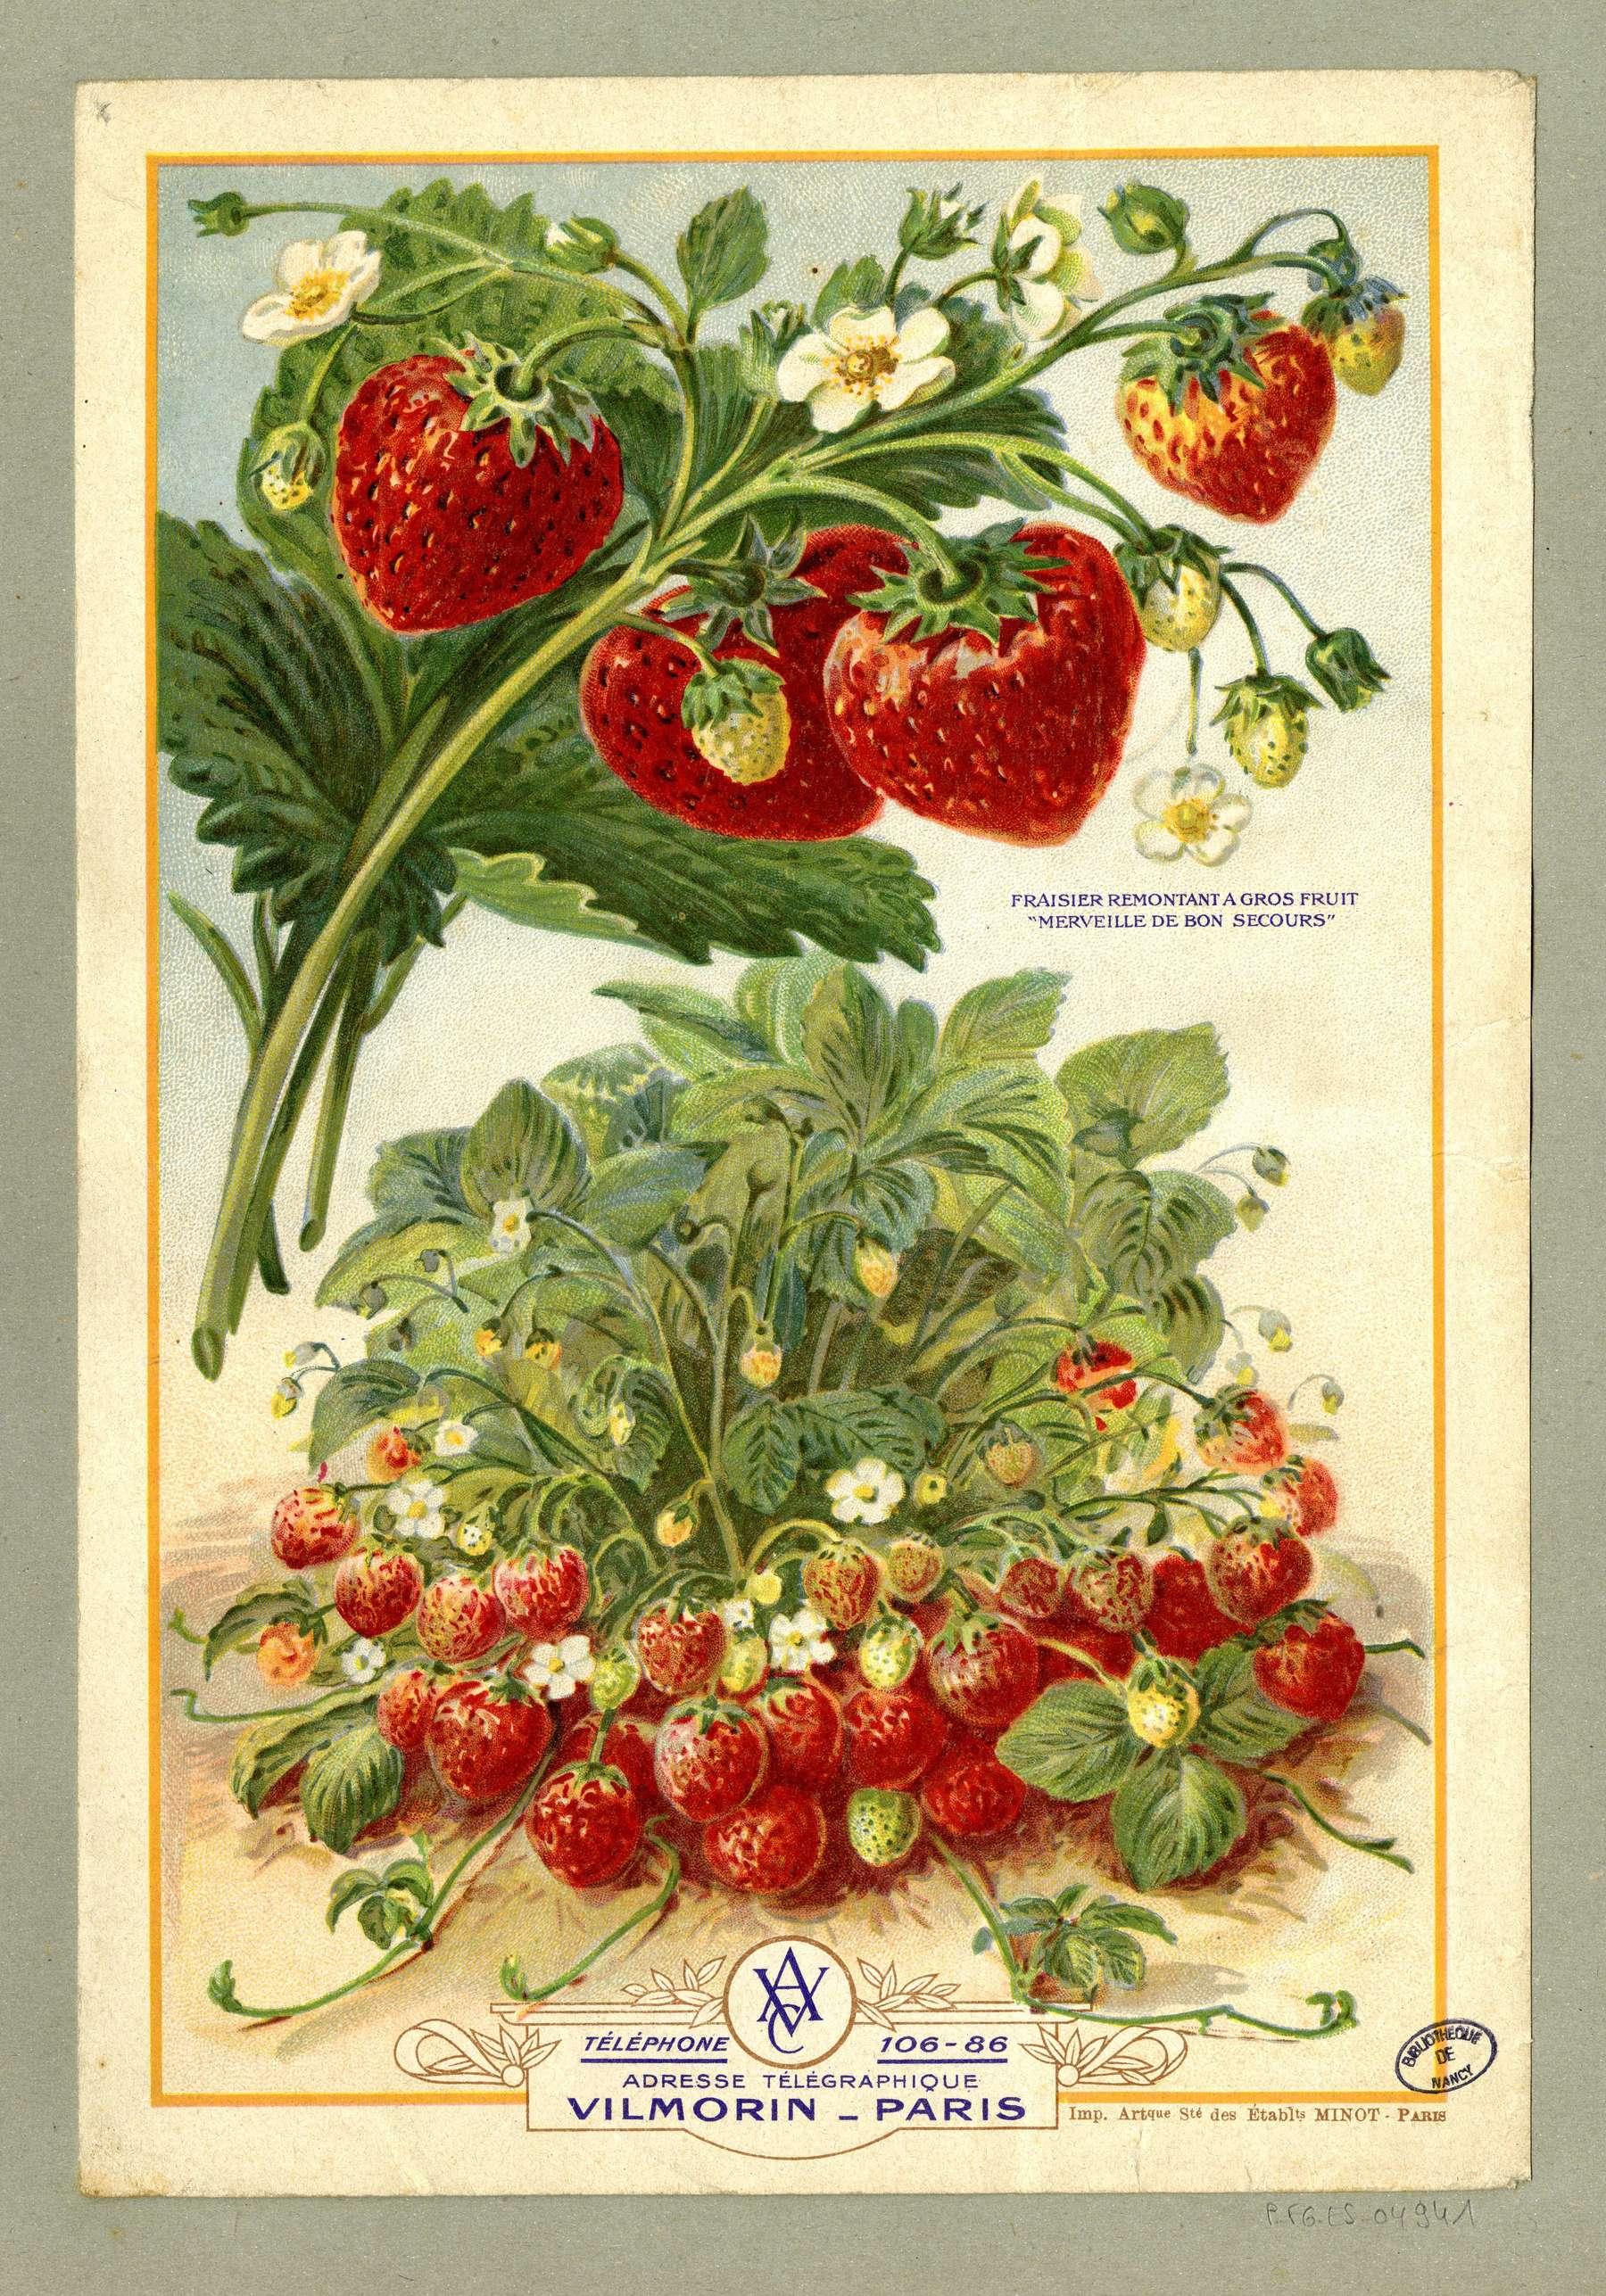 Contenu du Fraisier remontant à gros fruit